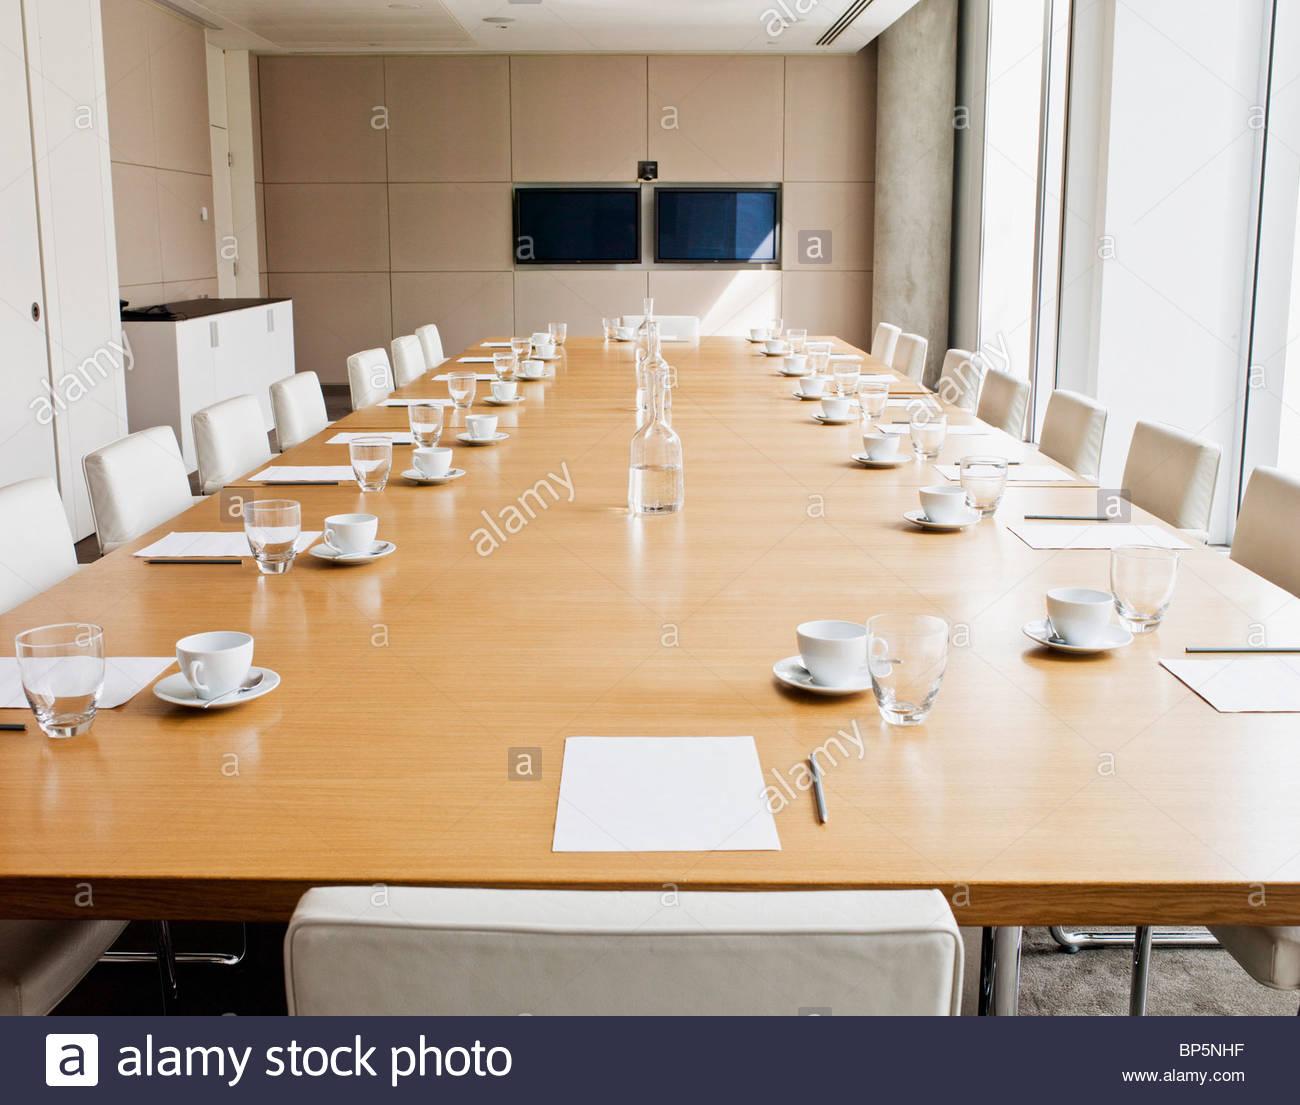 Board Room Set Up